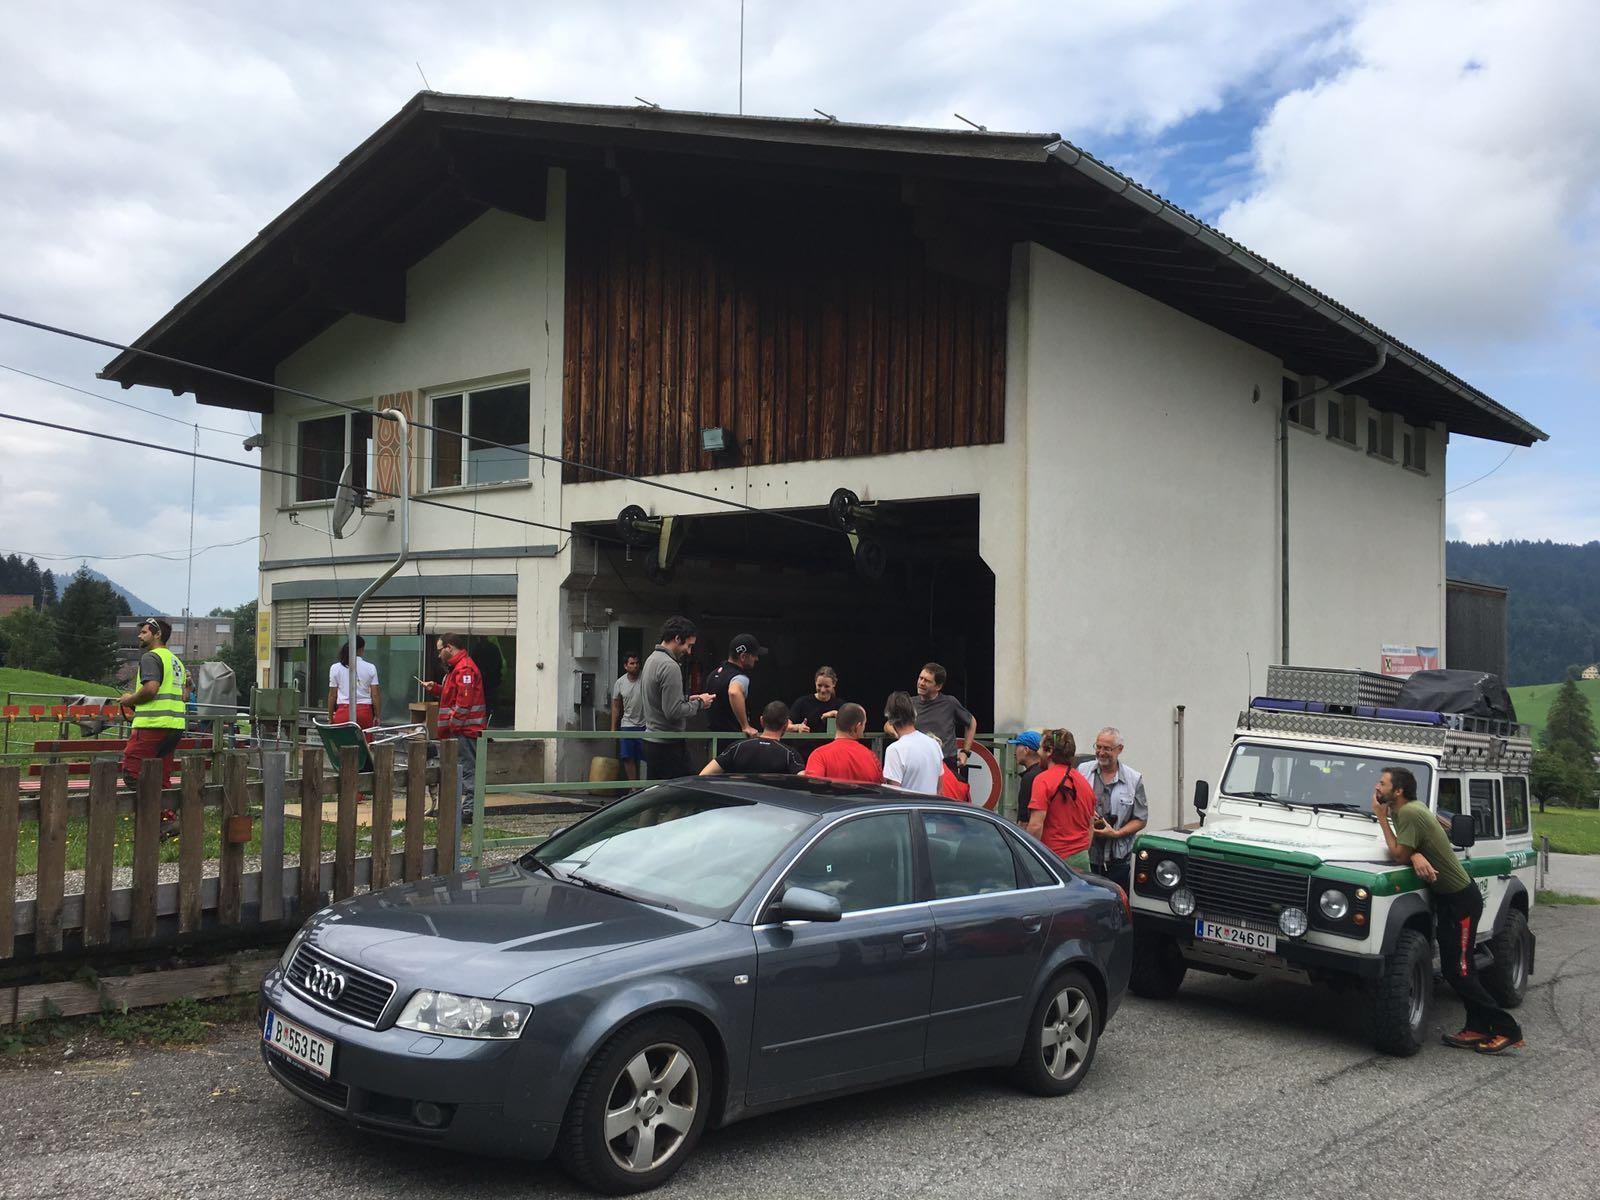 Die sechs Passagiere wurden zur Talstation zurückbefördert.